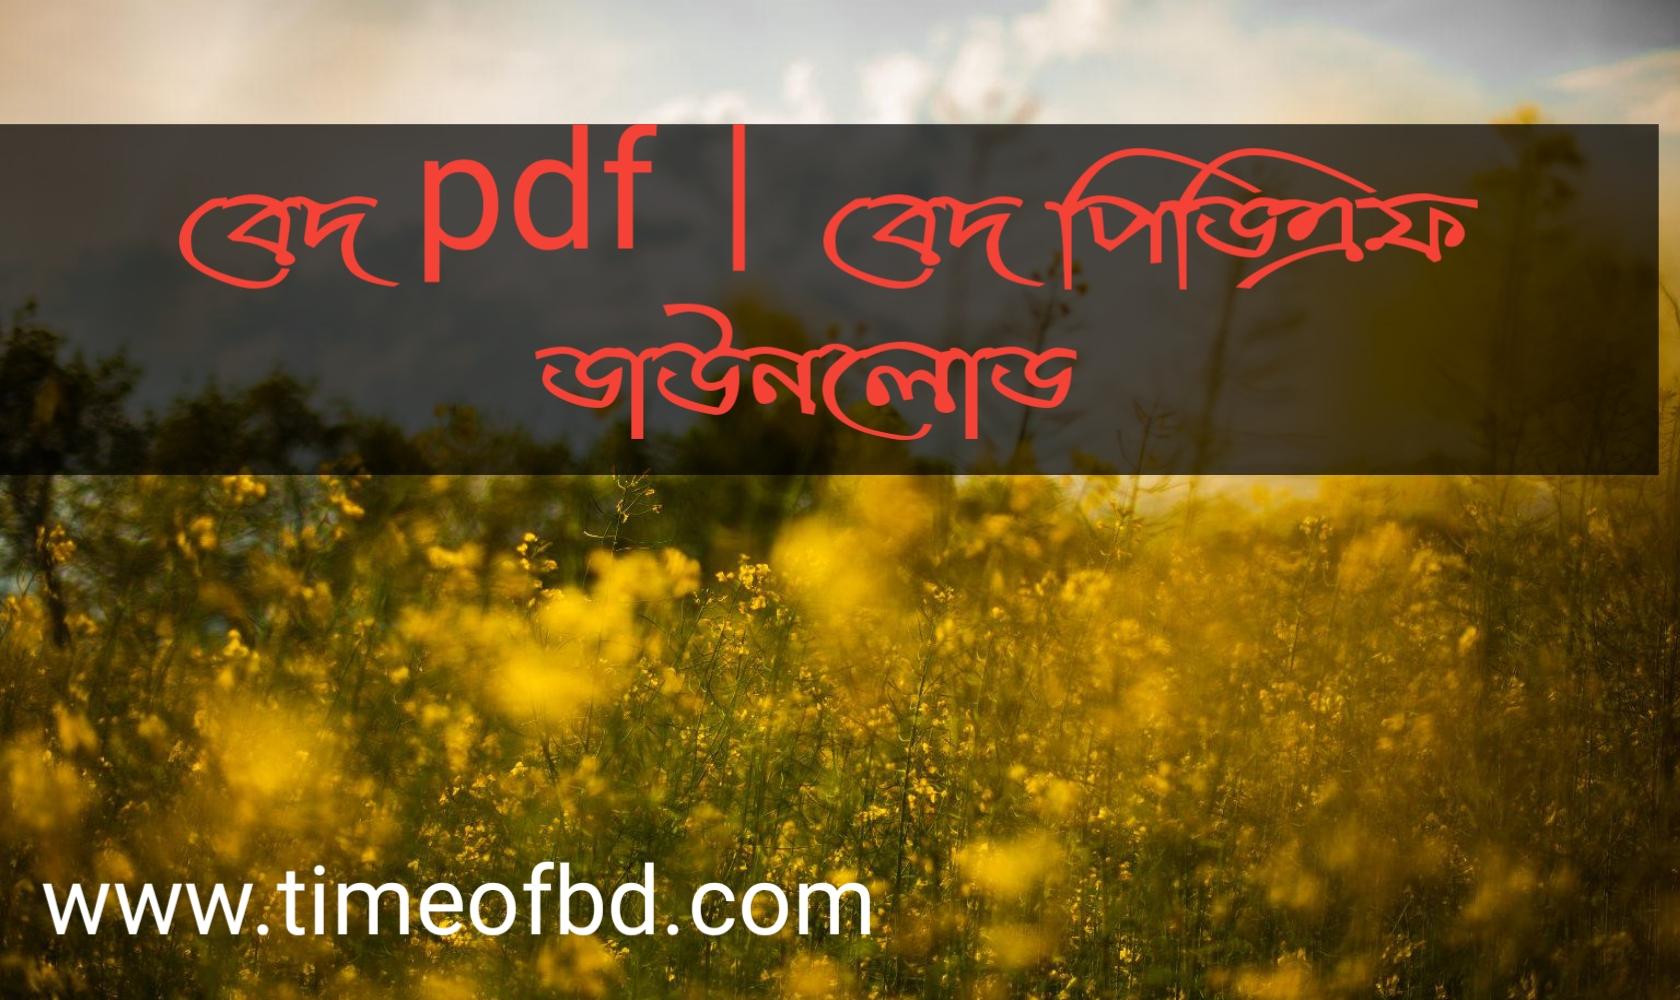 বেদ pdf, বেদ পিডিএফ ডাউনলোড, বেদ পিডিএফ, বেদ pdf download,